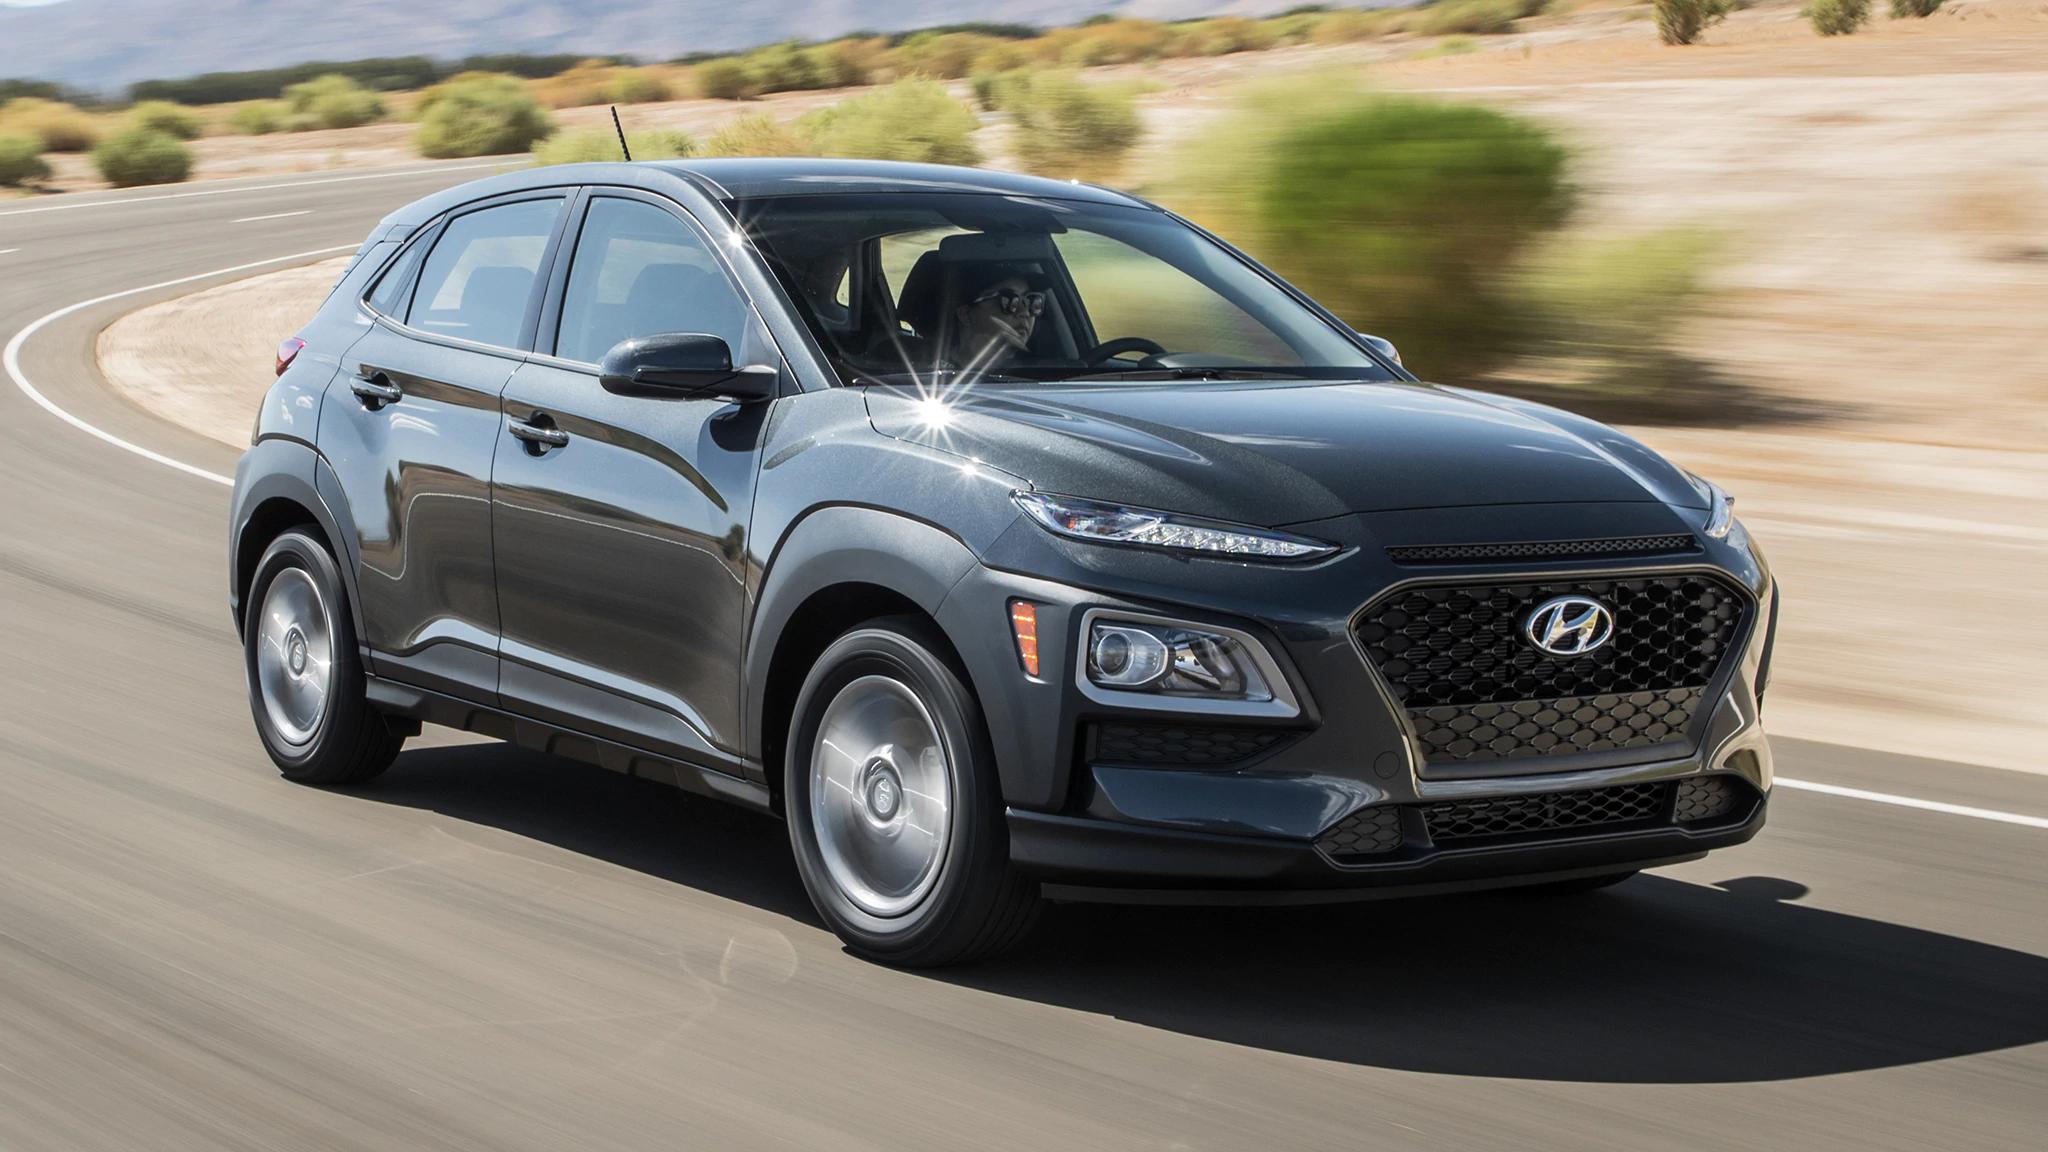 hyundai kona anh 11 - Hyundai Kona mới: giá xe và khuyến mãi tháng [hienthithang]/[hienthinam]